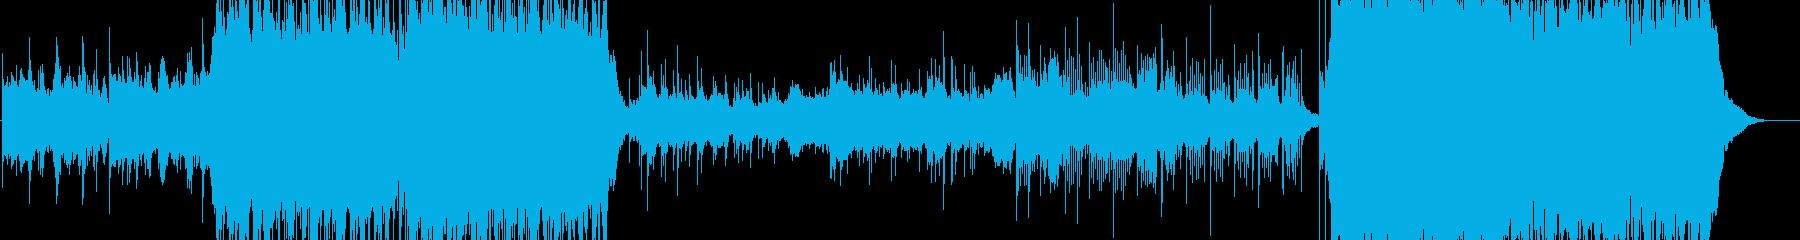 壮大で切ない和風ストリングスBGMの再生済みの波形